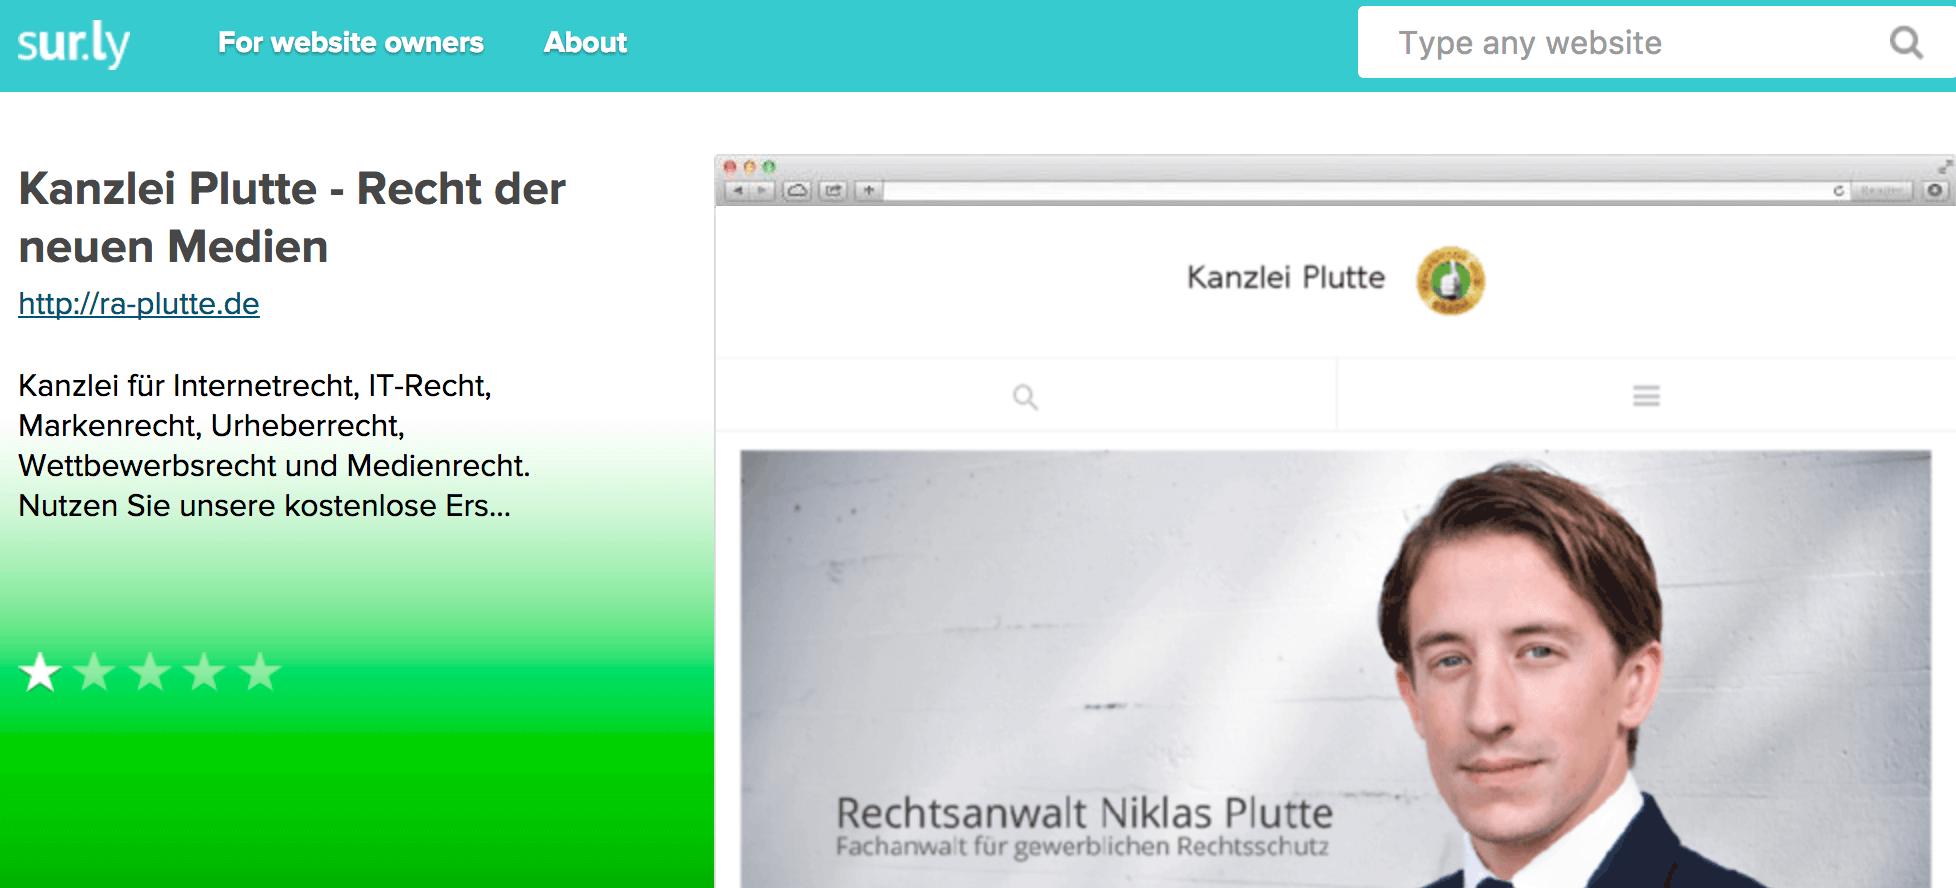 Screenshot Kanzlei Plutte bei http://sur.ly